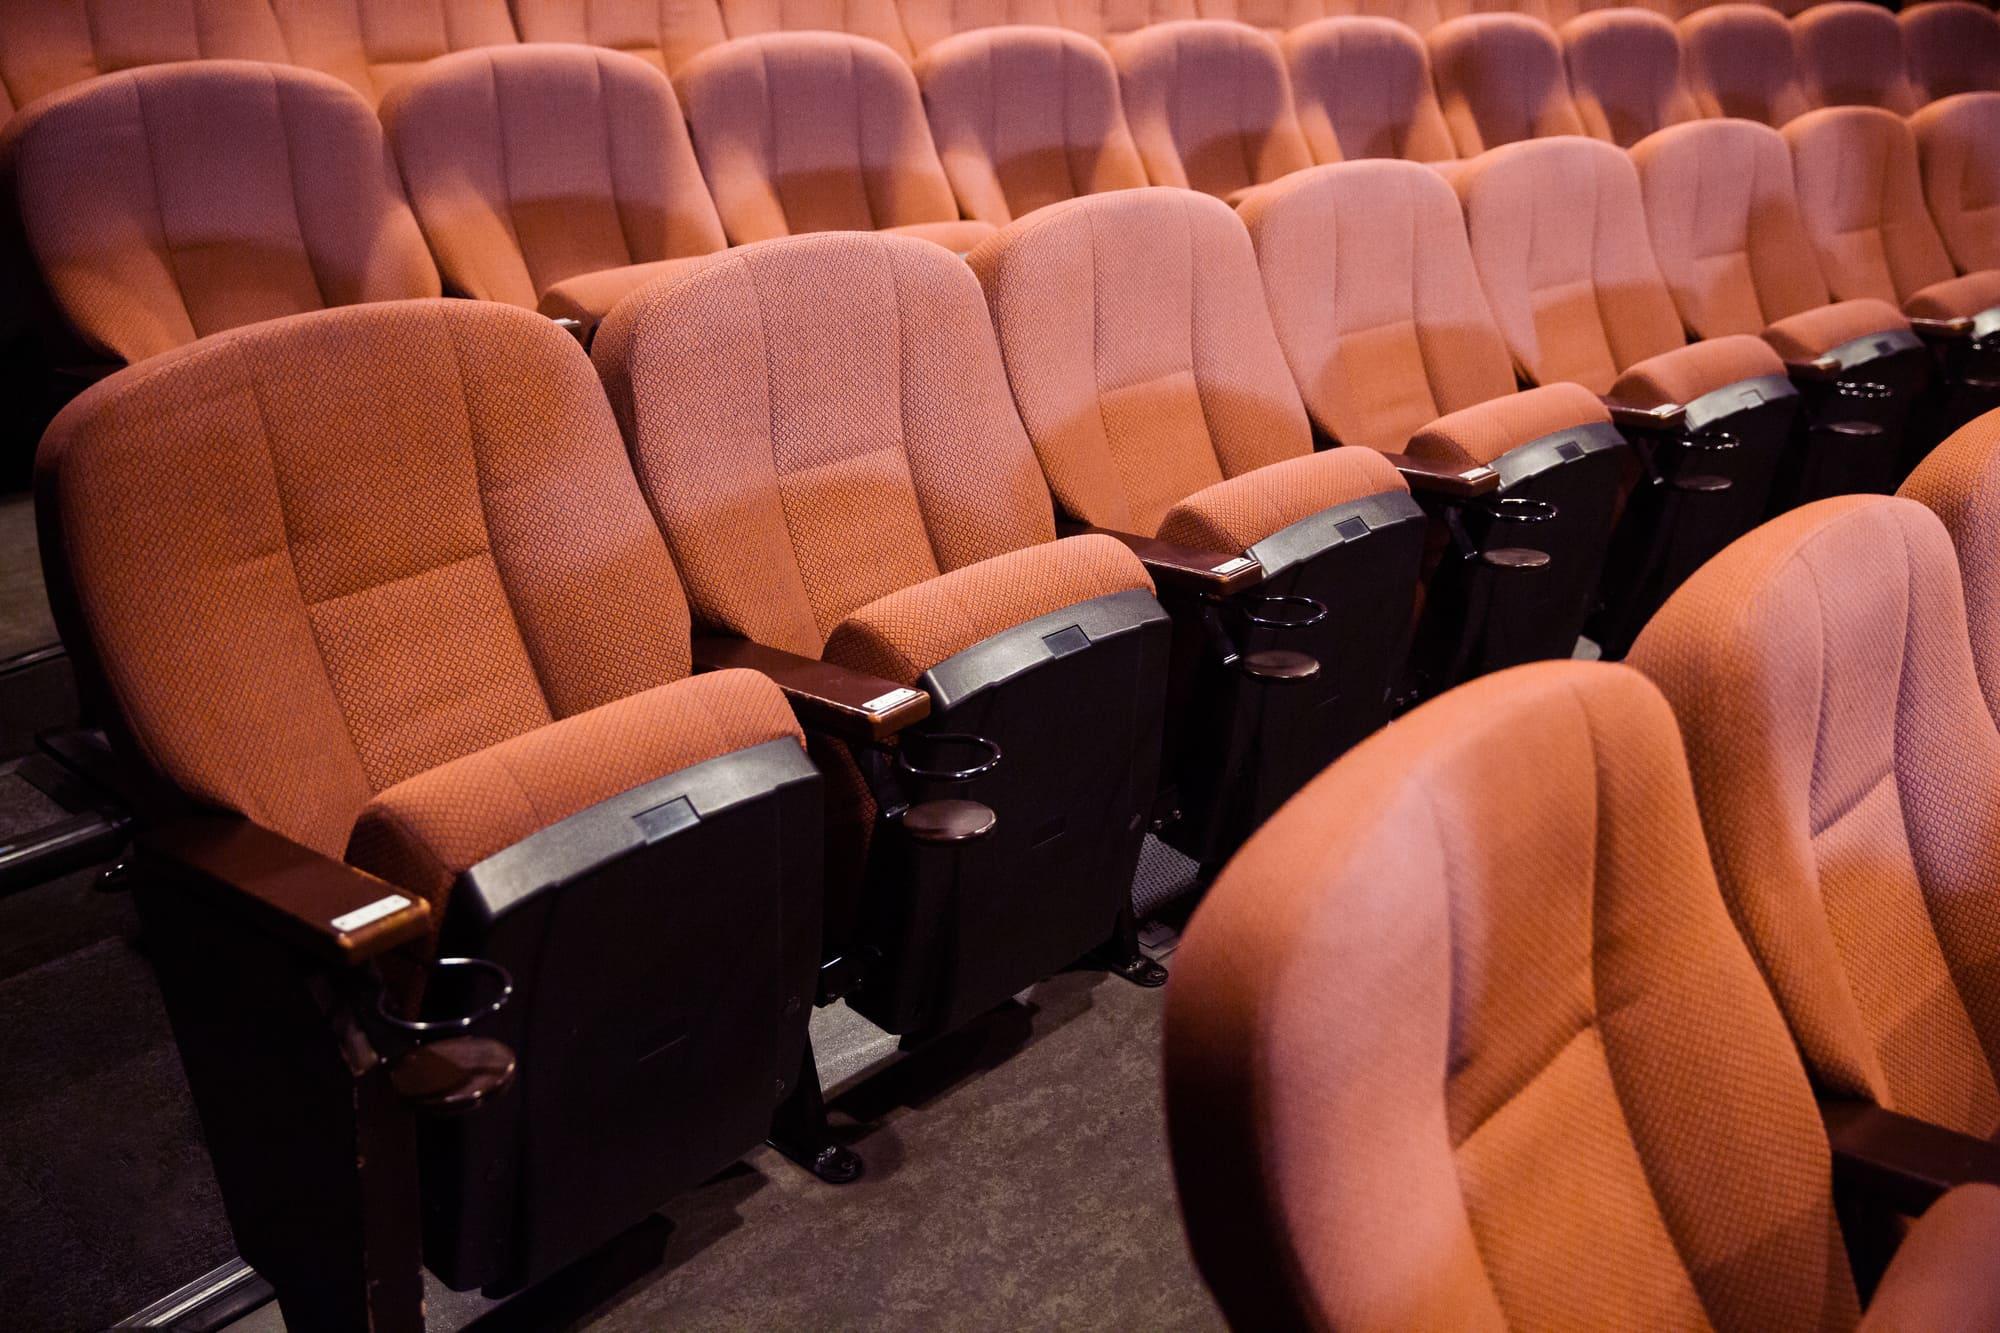 映画を安く見る方法とは?映画が割引になるおすすめクレジットカード5選!